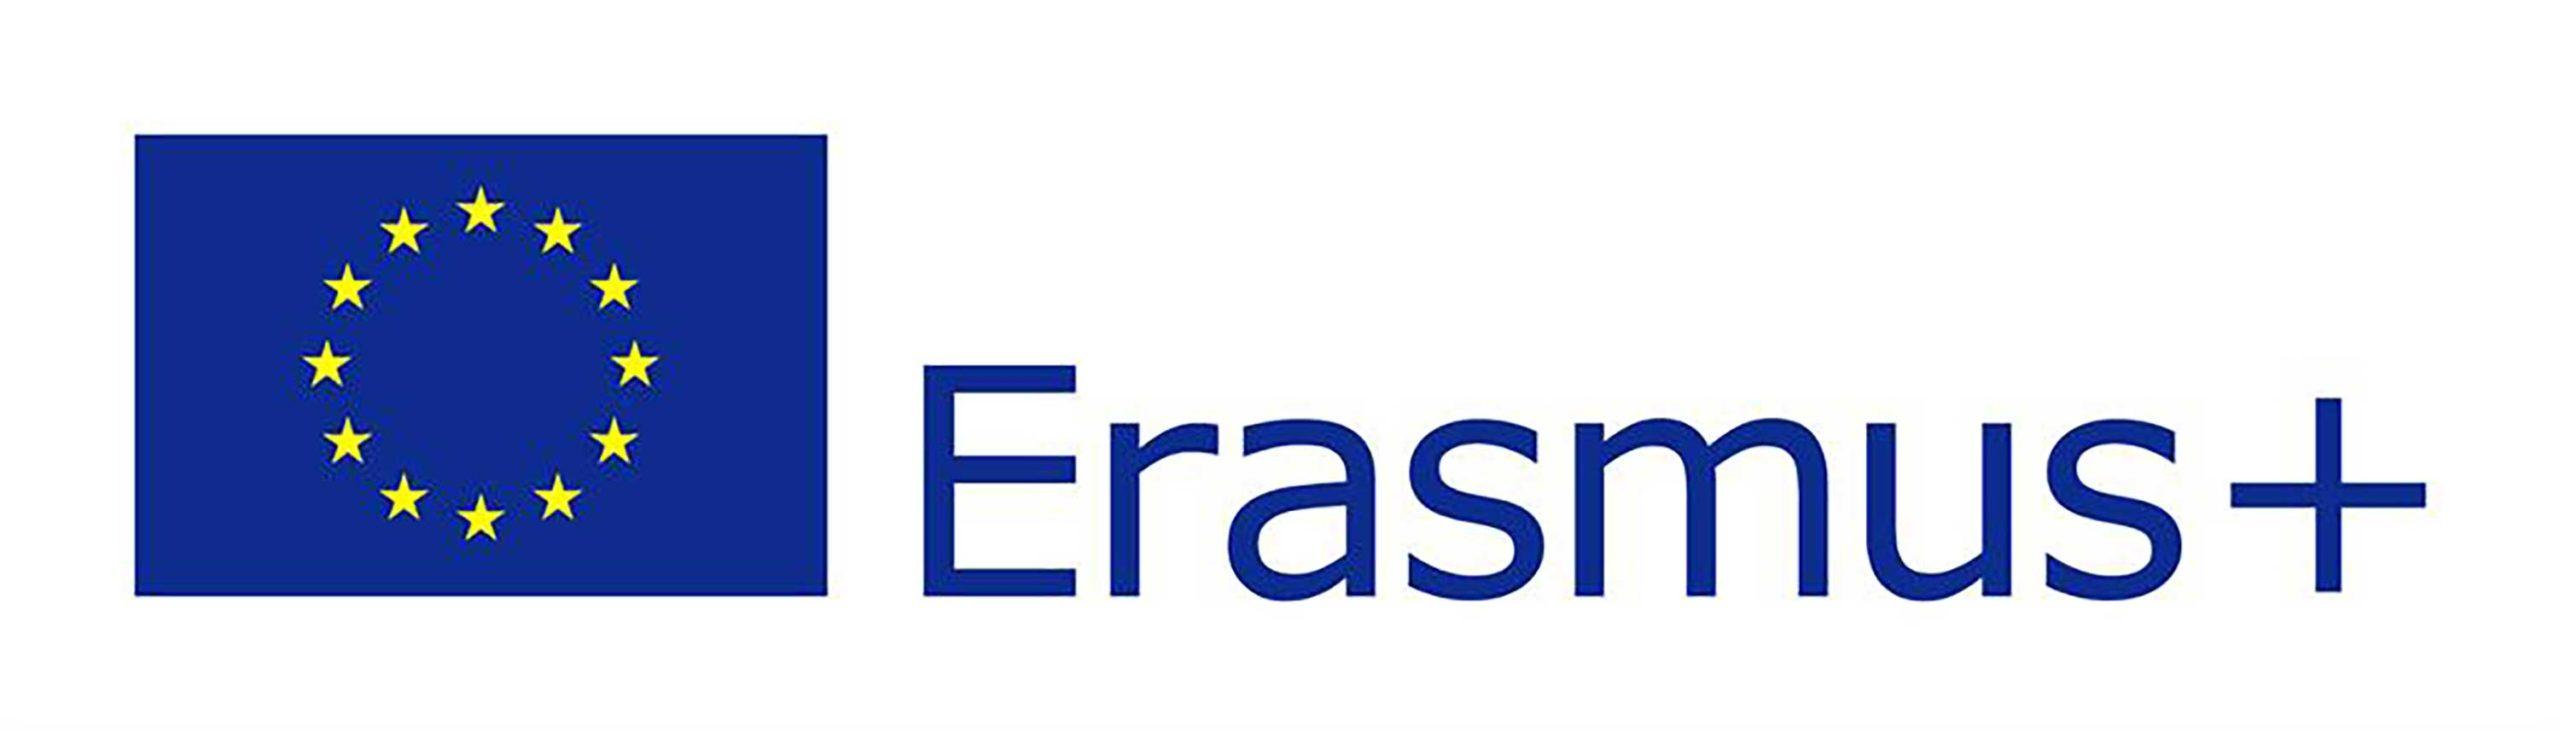 logo-erasmusplus-eu